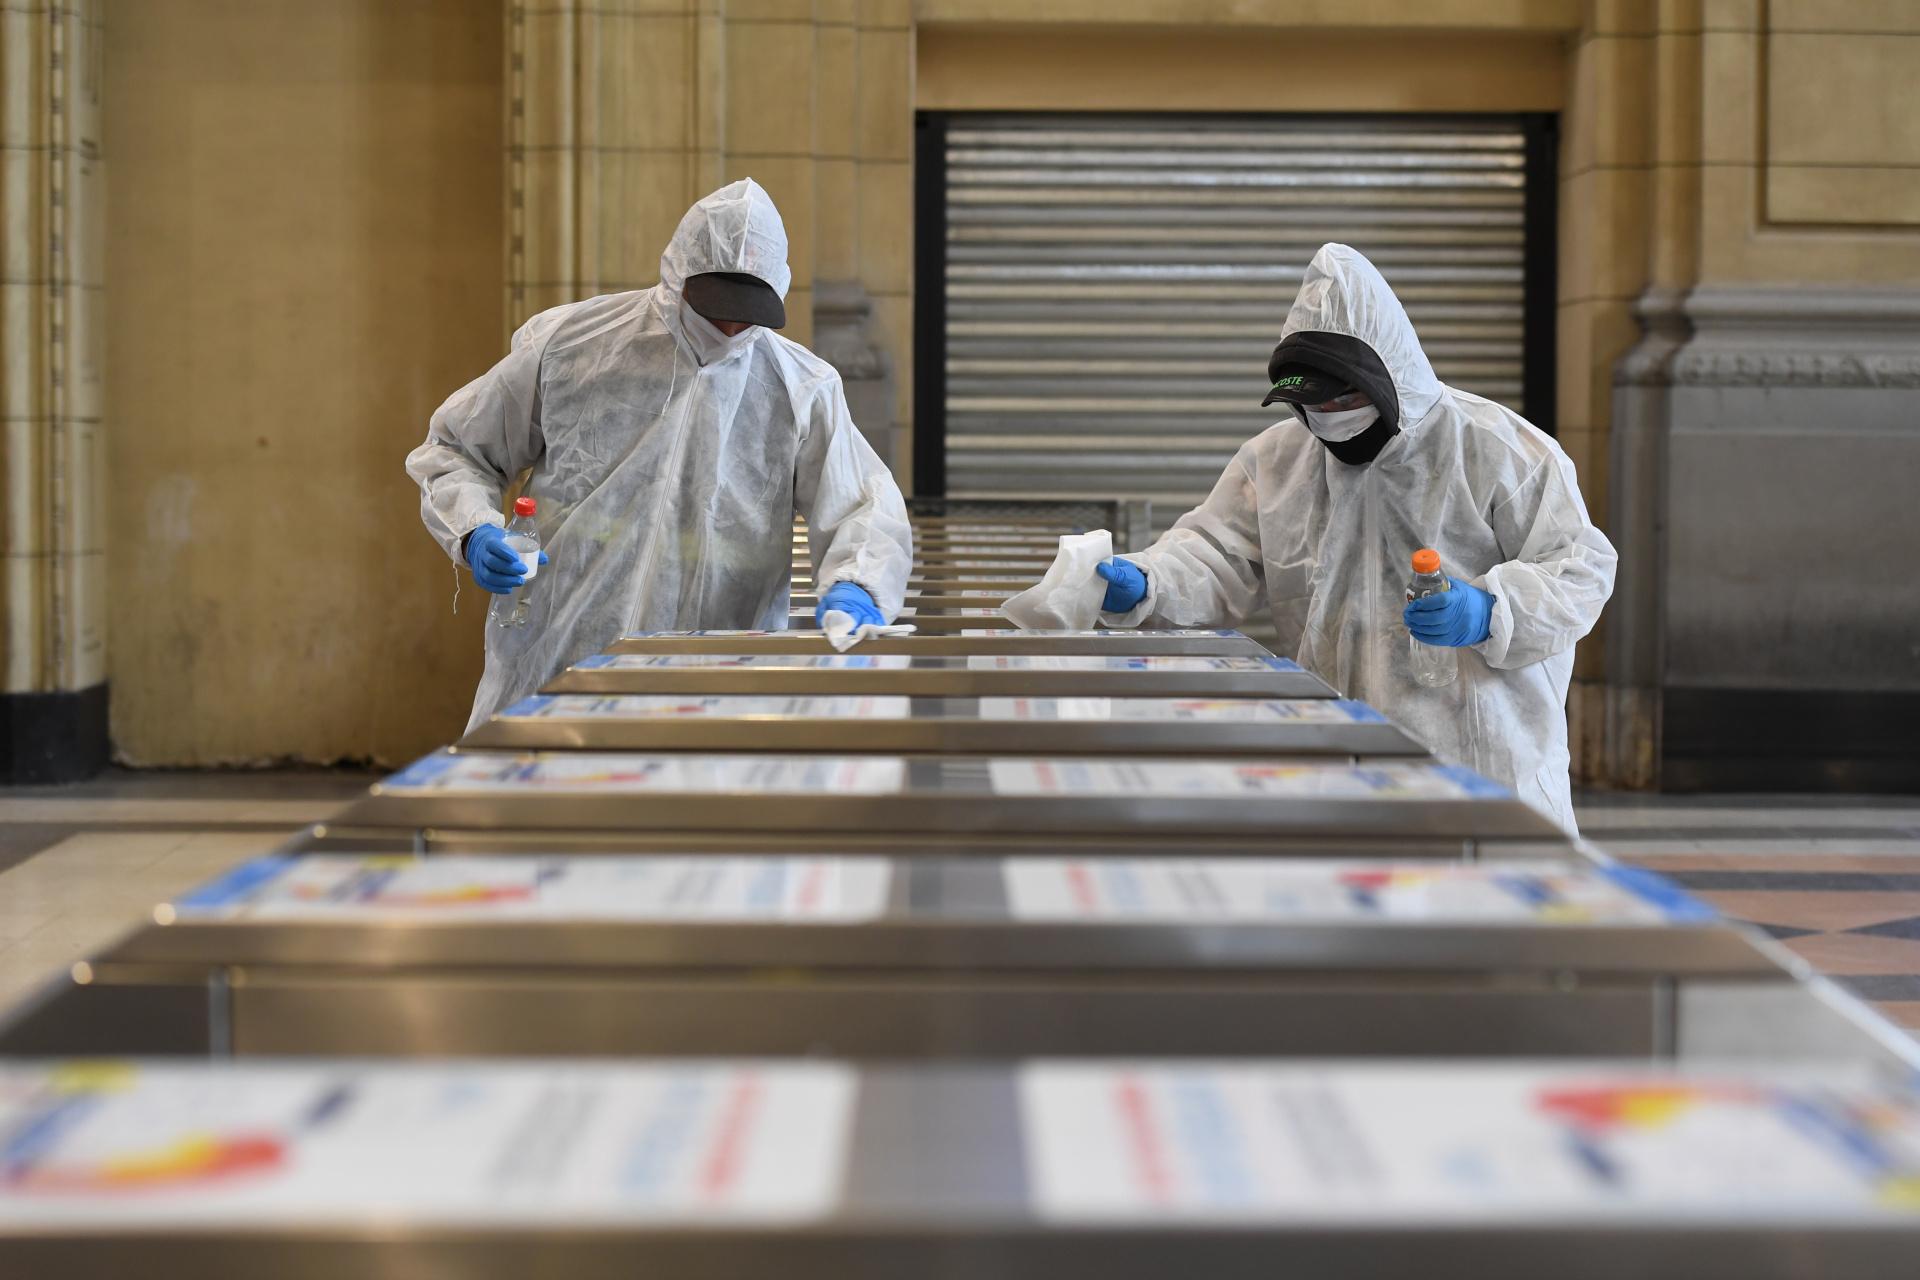 Dos trabajadores, con su uniforme correspondiente y elementos de protección, desinfectan los molinetes de llegada a la estación Constitución del Tren Roca. La limpieza de las terminales ferroviarias se triplicó durante la pandemia.